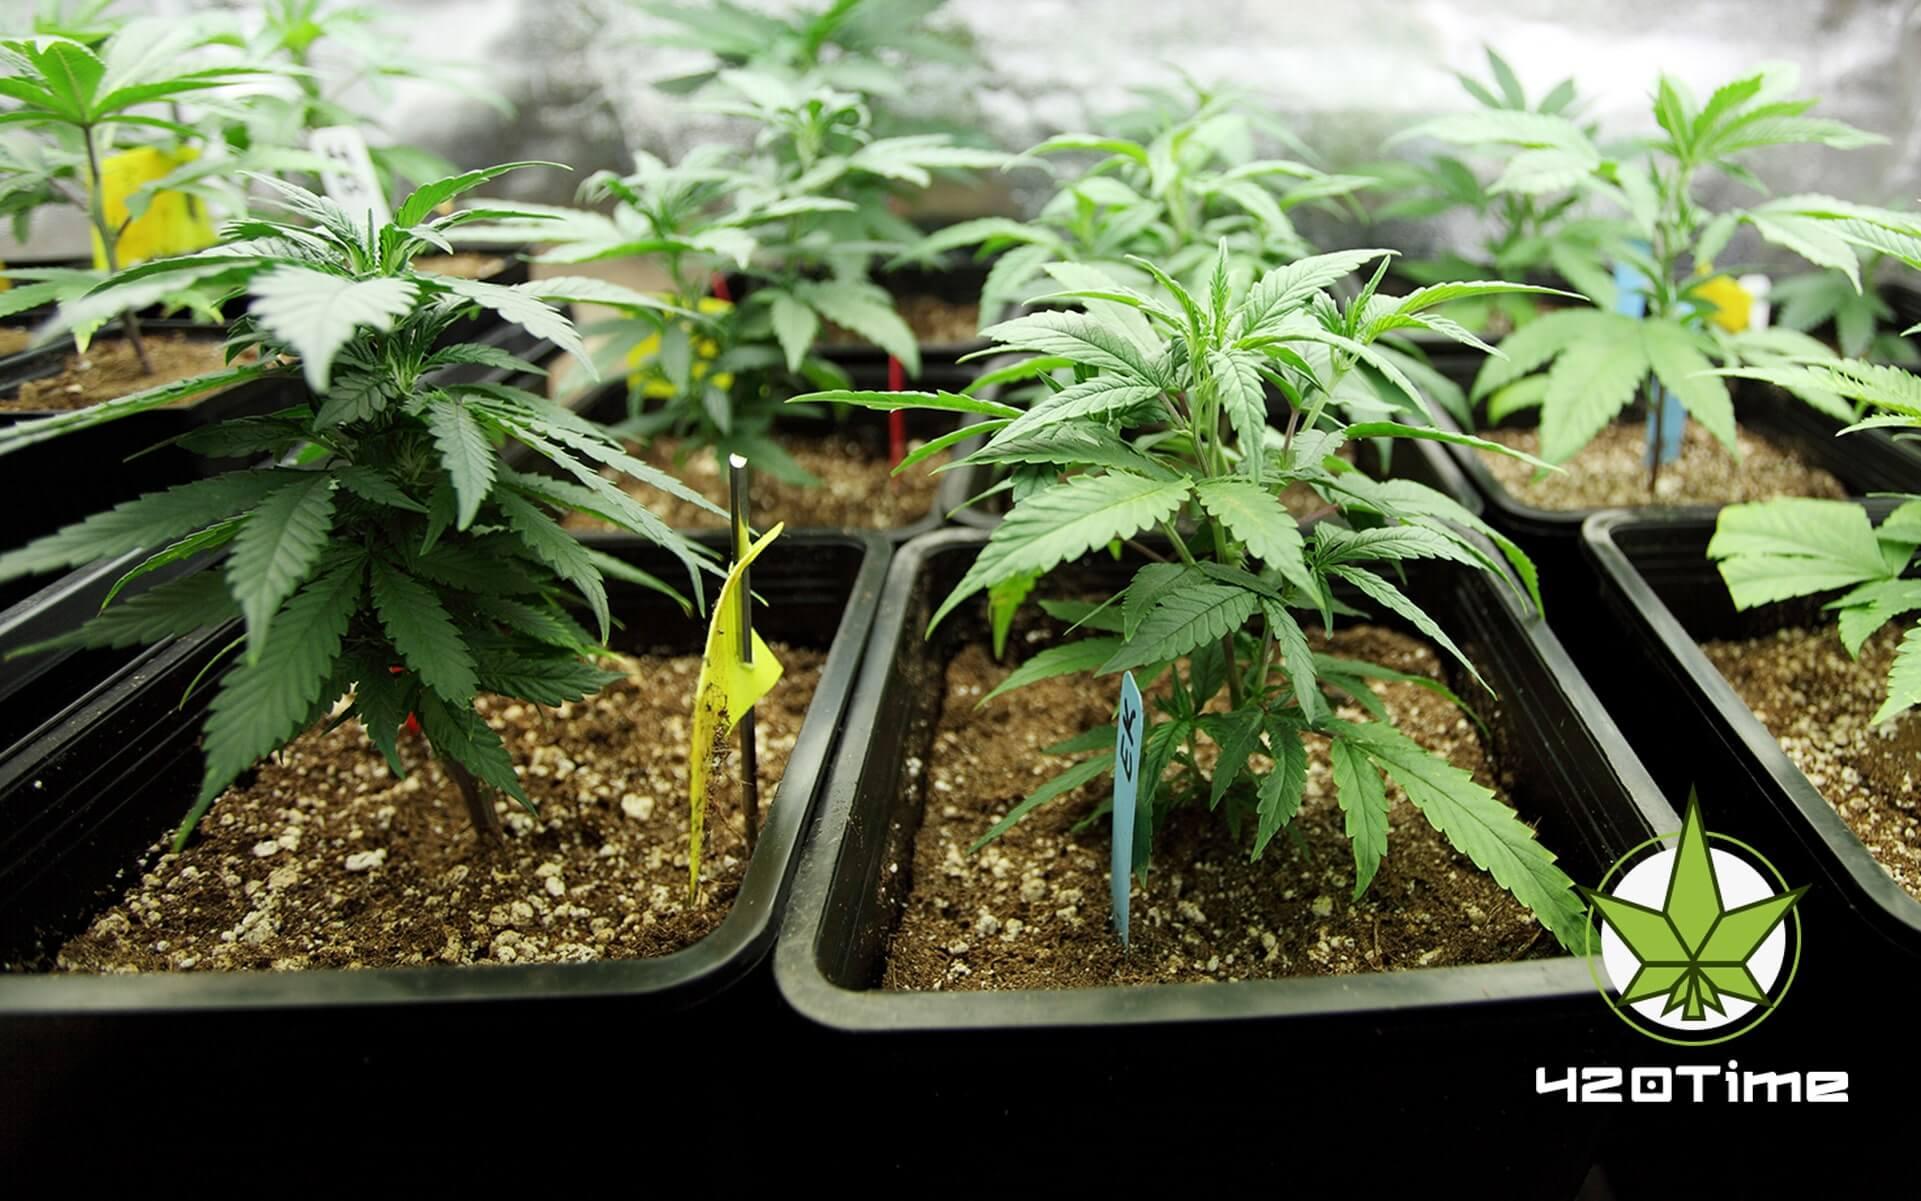 Самые убойные сорта марихуаны